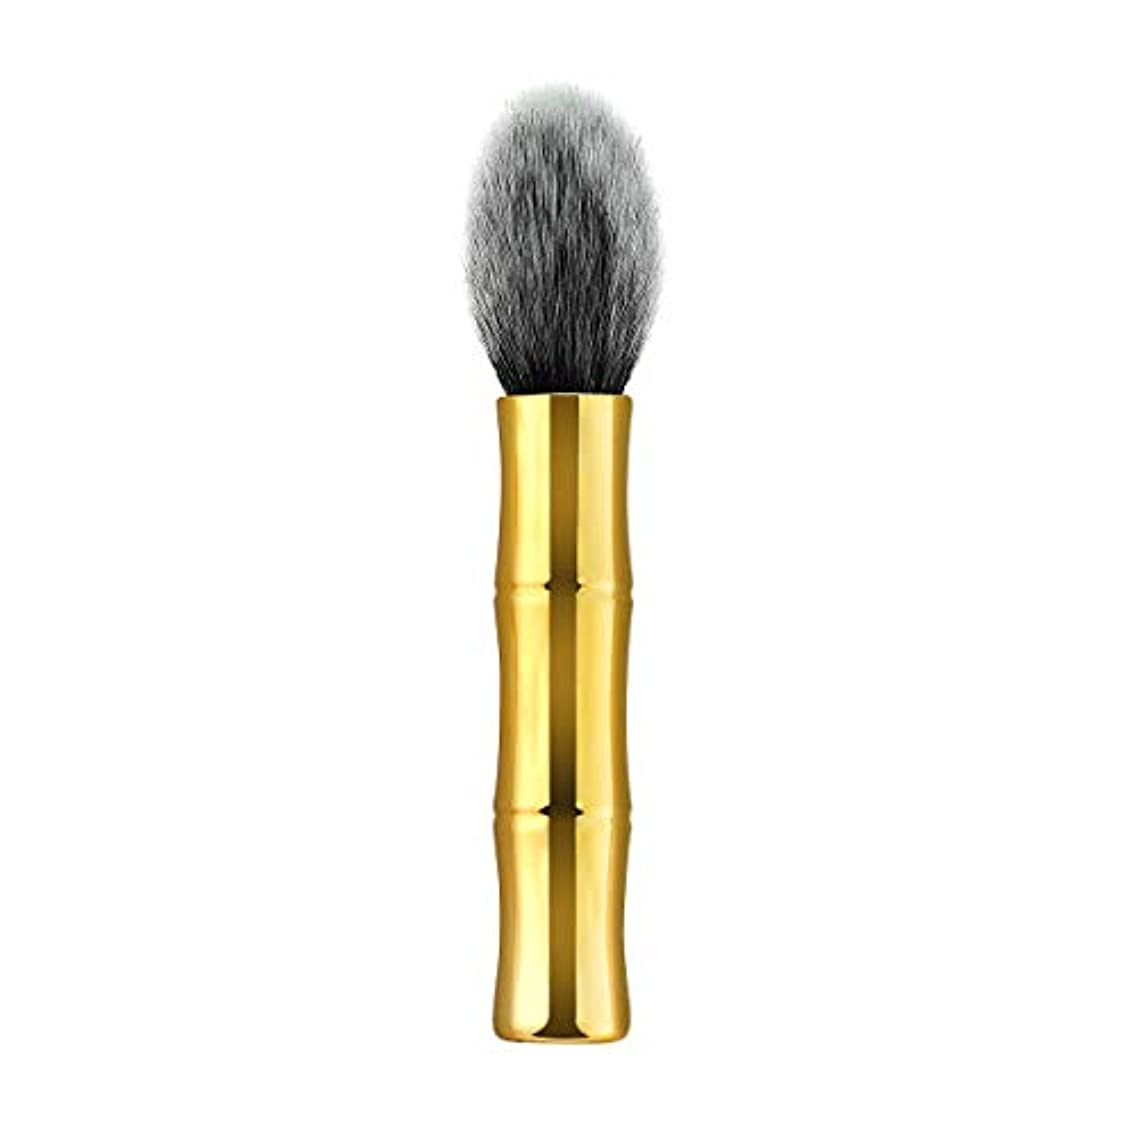 インチコーラス福祉Lurrose 女性のためのソフトナイロン剛毛化粧ブラシ化粧品パウダーブラッシュブラシ(TM-104)を処理します。